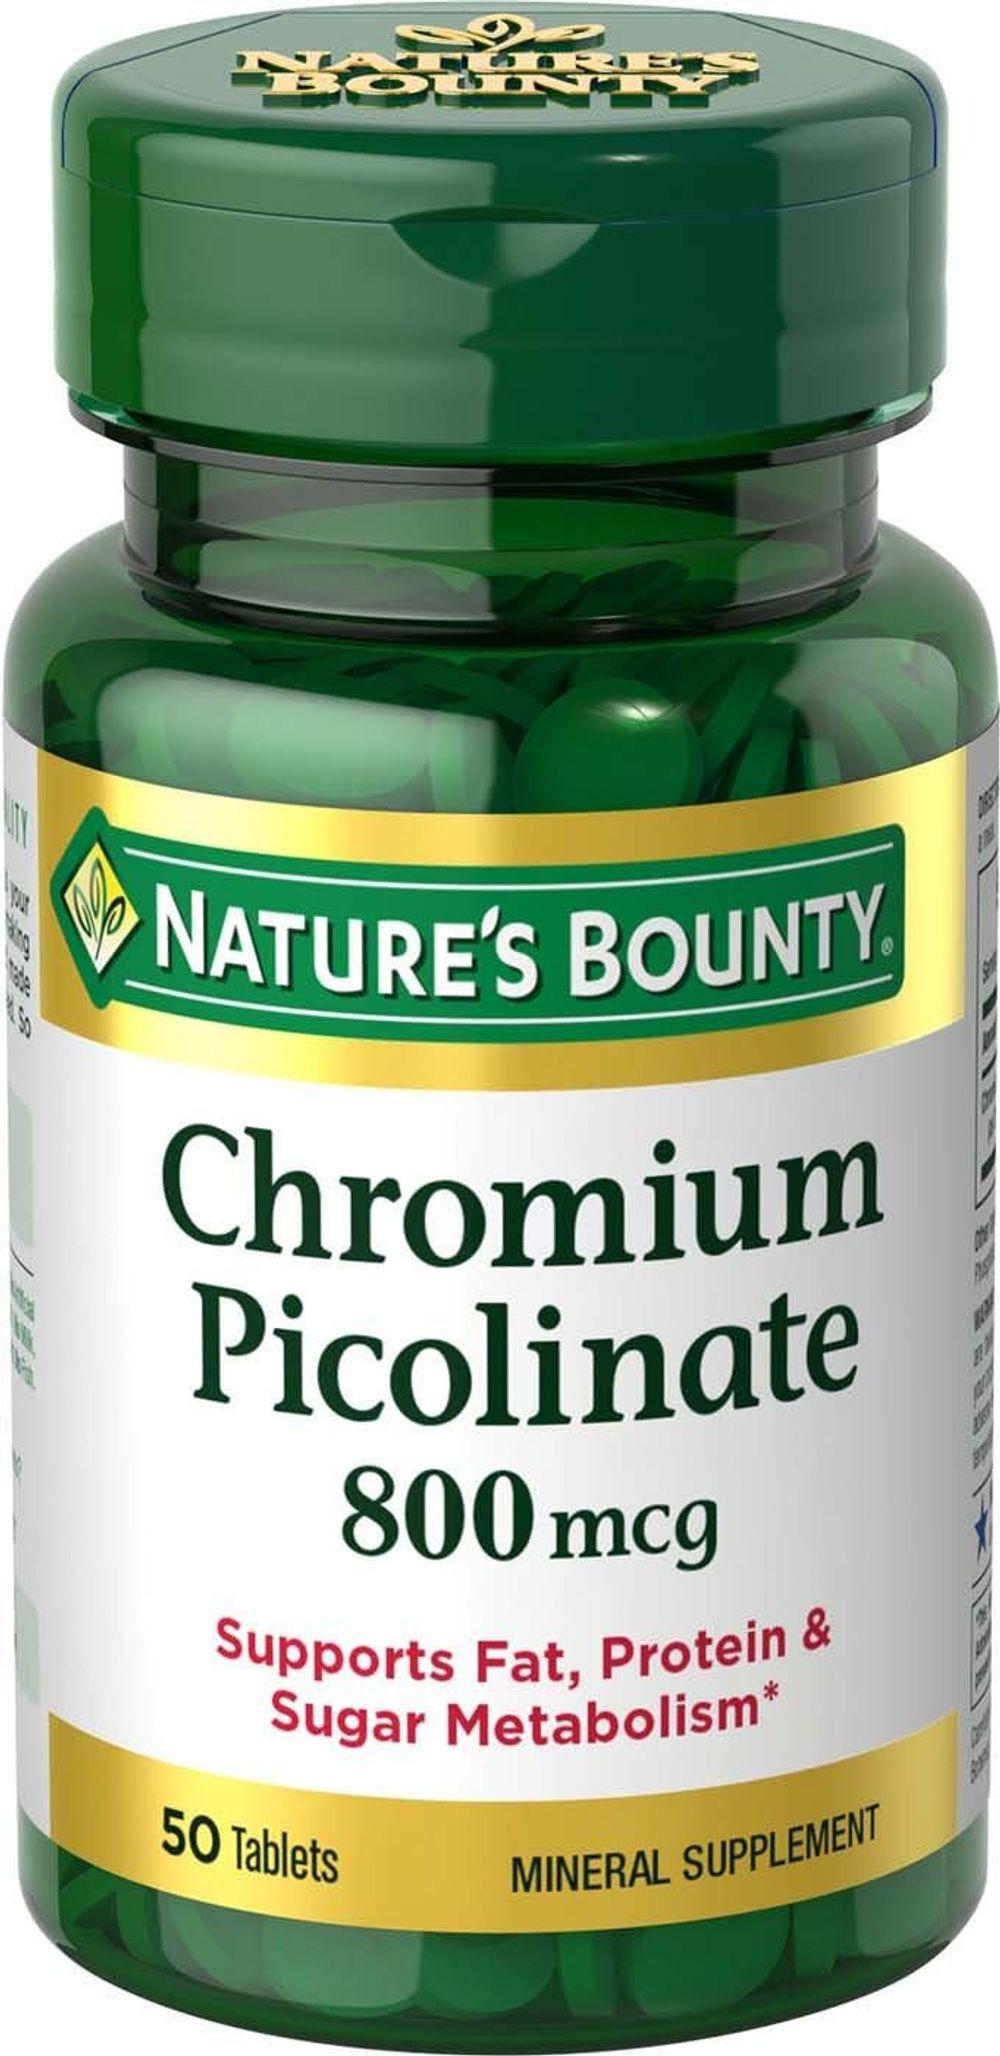 Nature's Bounty Chromium Picolinate 800 Mcg., 50-Count